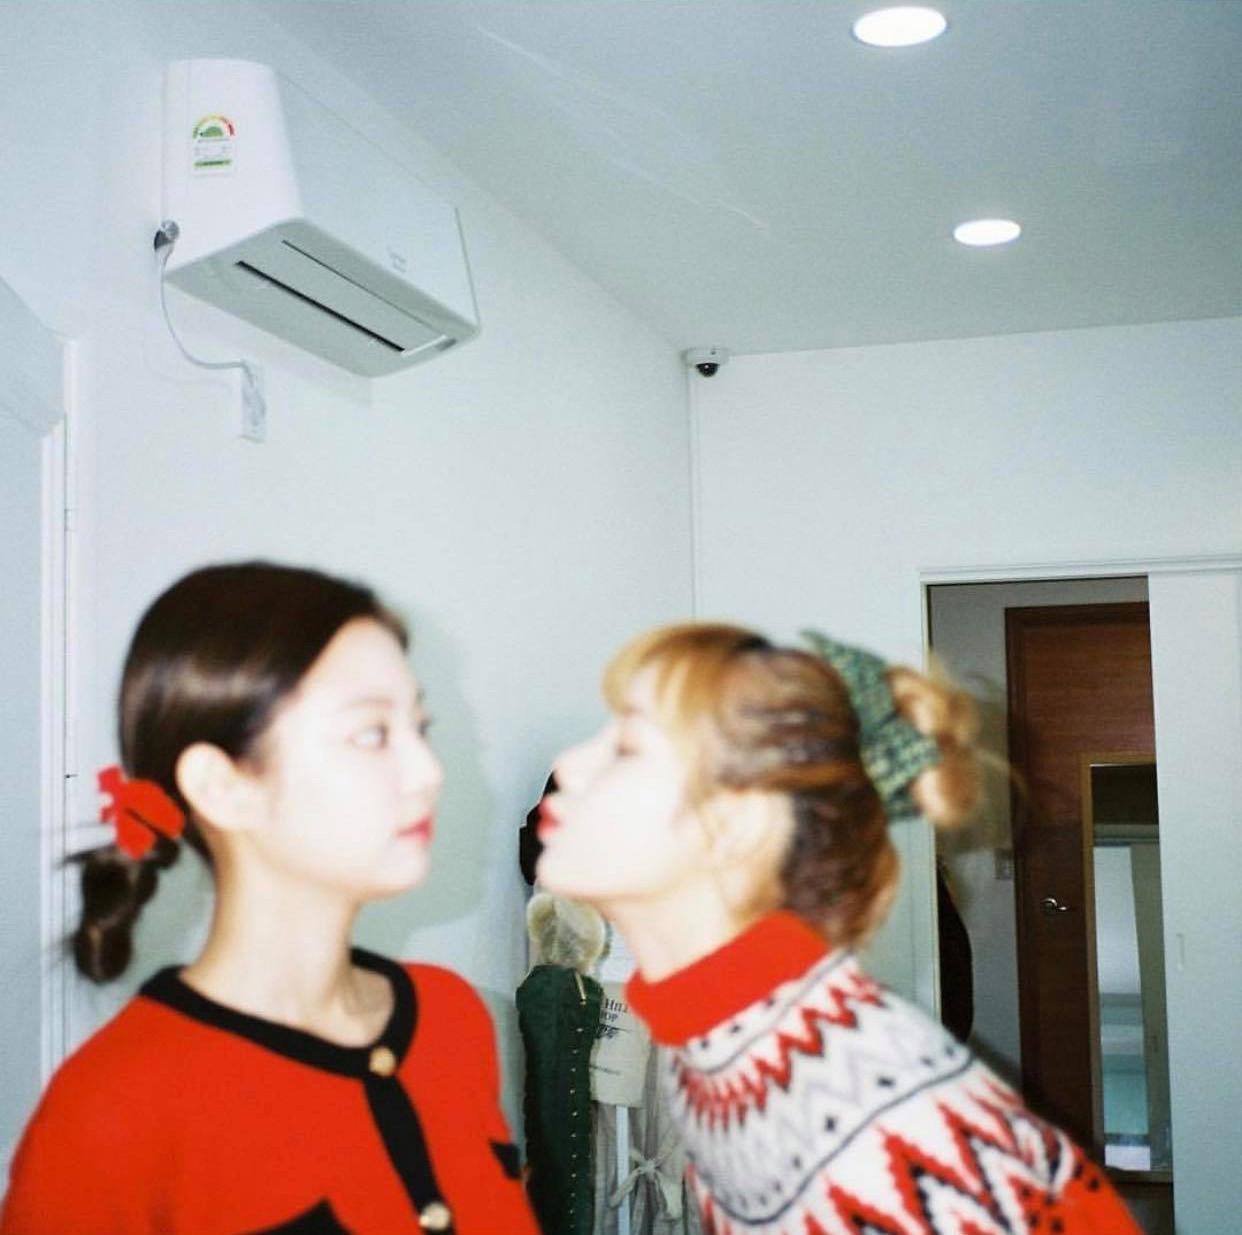 Có nữ idol nào như Jennie: Chẳng thèm giữ gìn hình tượng, toàn đăng ảnh tạo dáng khó hiểu tặng meme cho fan chế